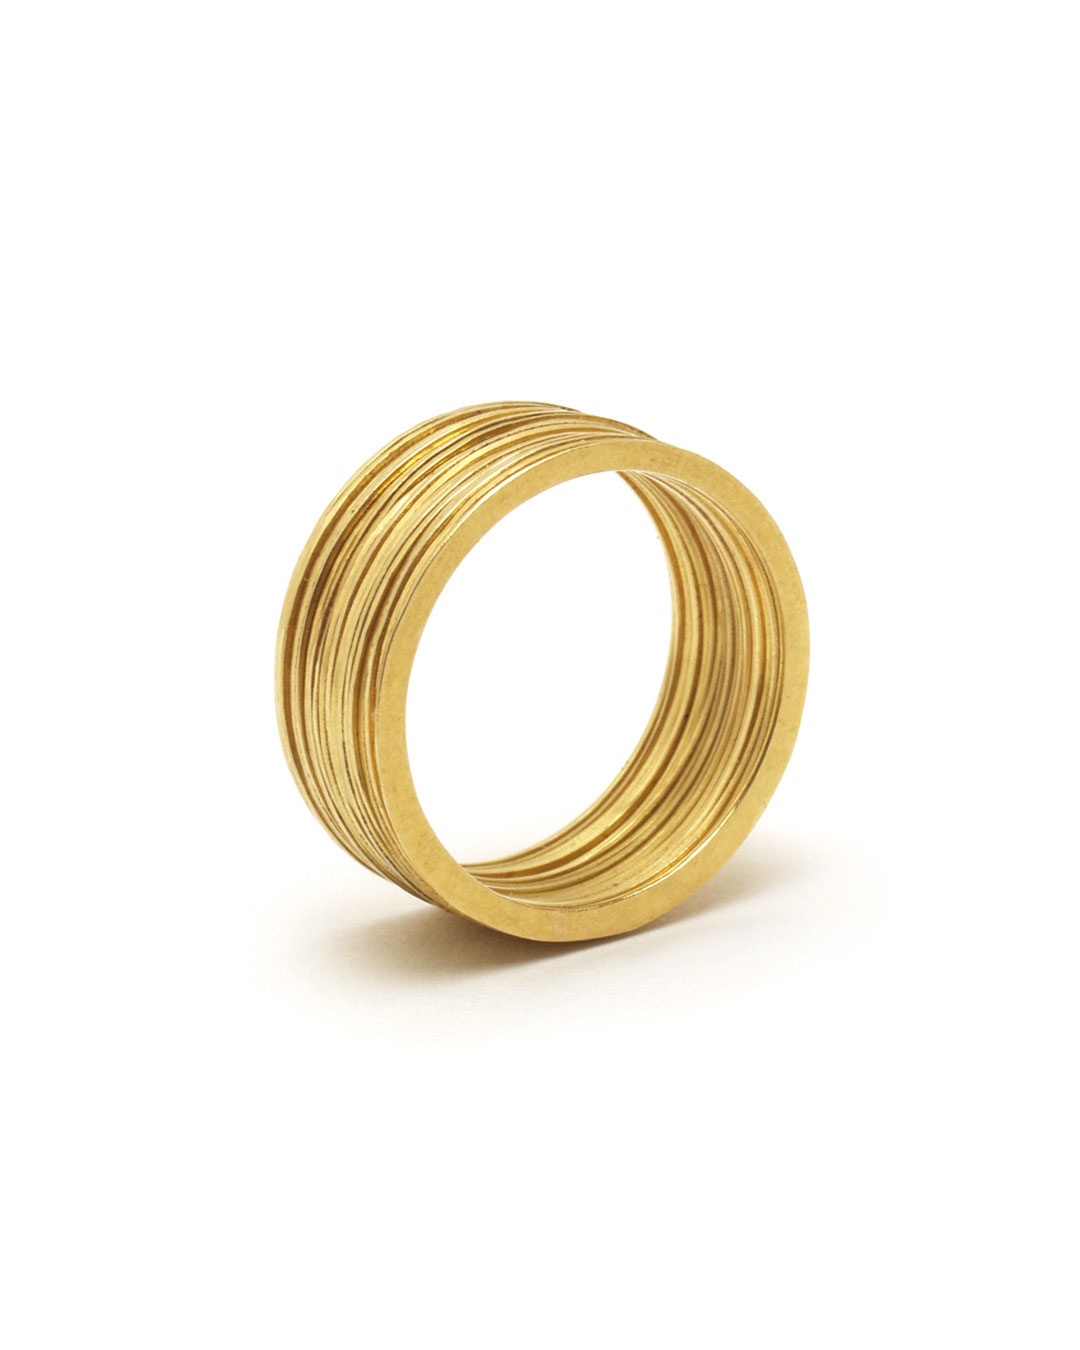 Annelies Planteijdt, zonder titel, 1987, ring; 18 kt goud, ø 20 x 8 mm, €1900